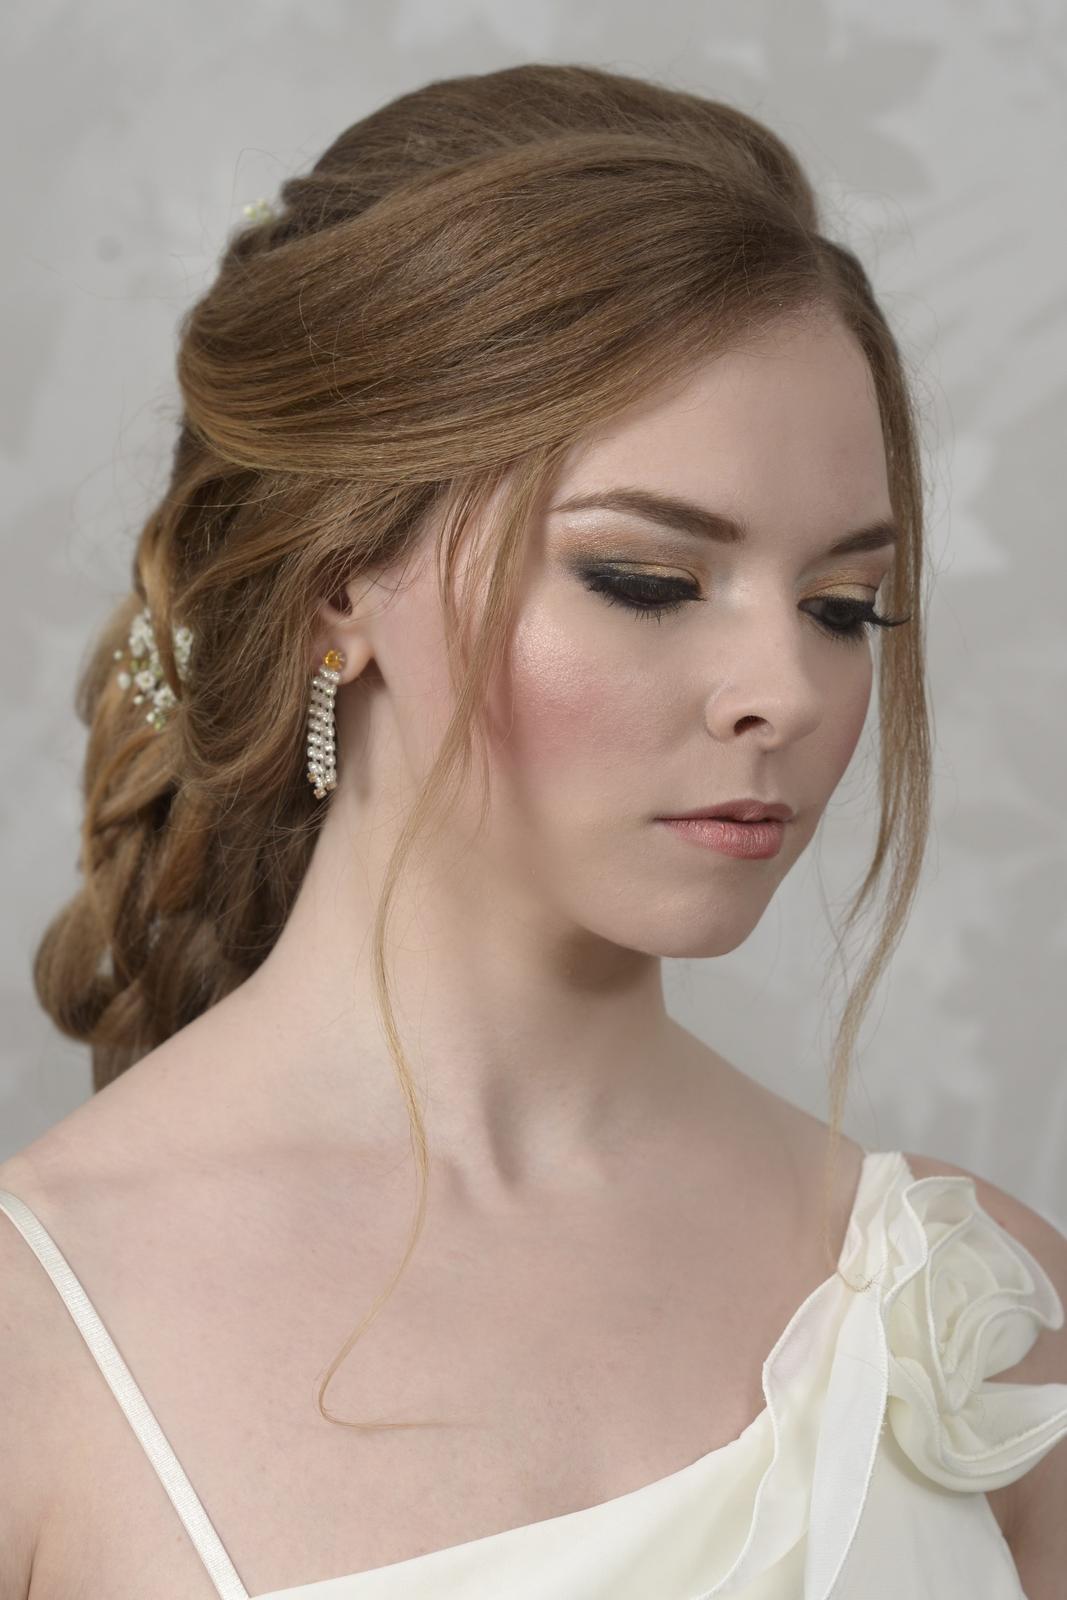 Svatební účes s výrazným líčením - Výrazné líčení s umělými řasami